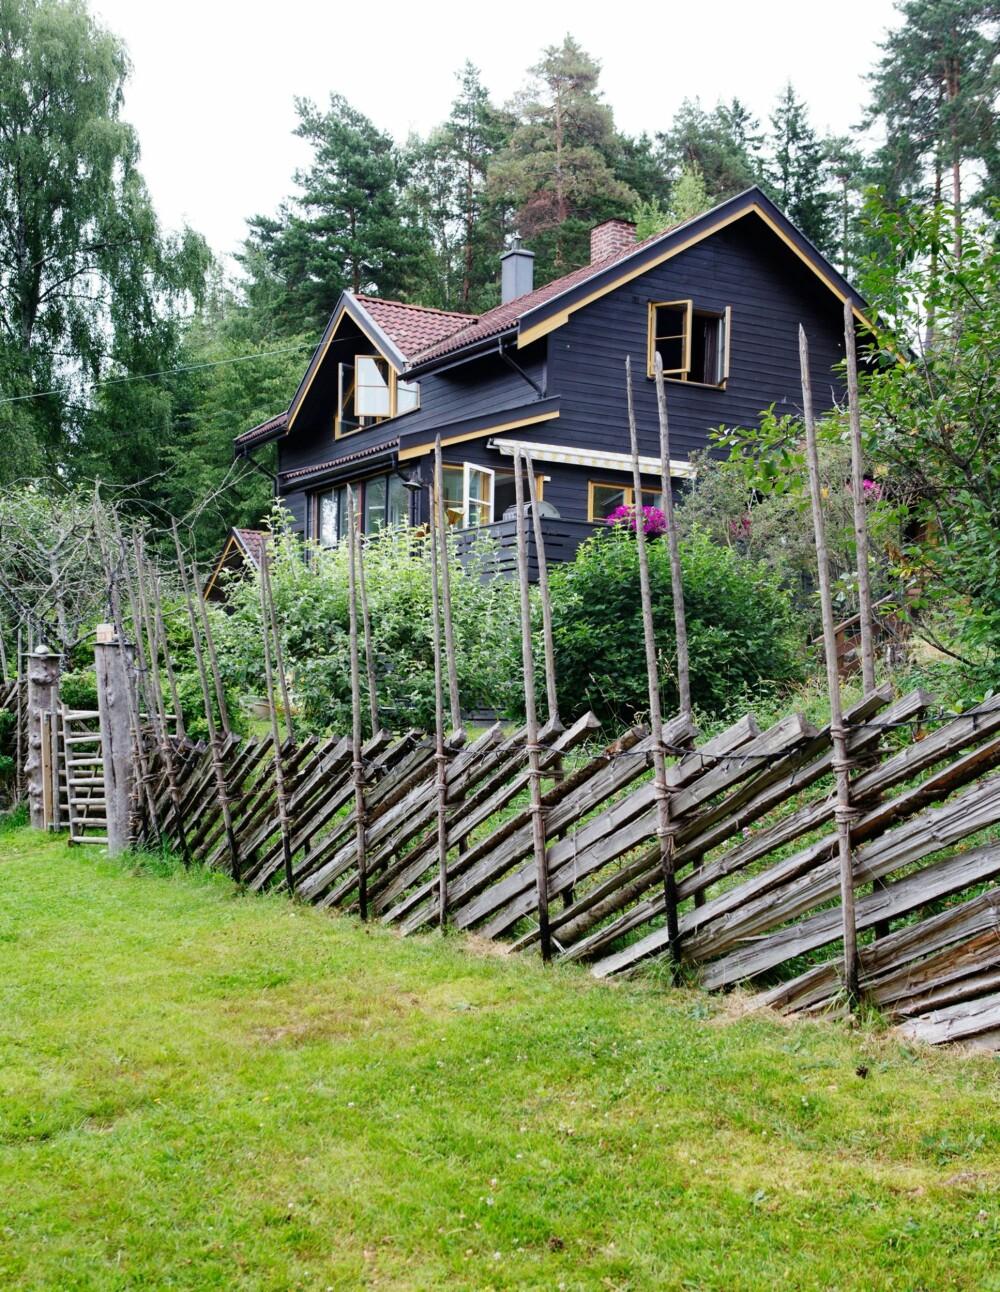 IDYLLISK: Kjernen i det brune huset er en hytte fra 1930, som ble pusset opp og bygget ut på 80-tallet. Svein Børge og Hans Morten skiftet ut alle vinduene på fasaden med nye i full høyde da de pusset opp.